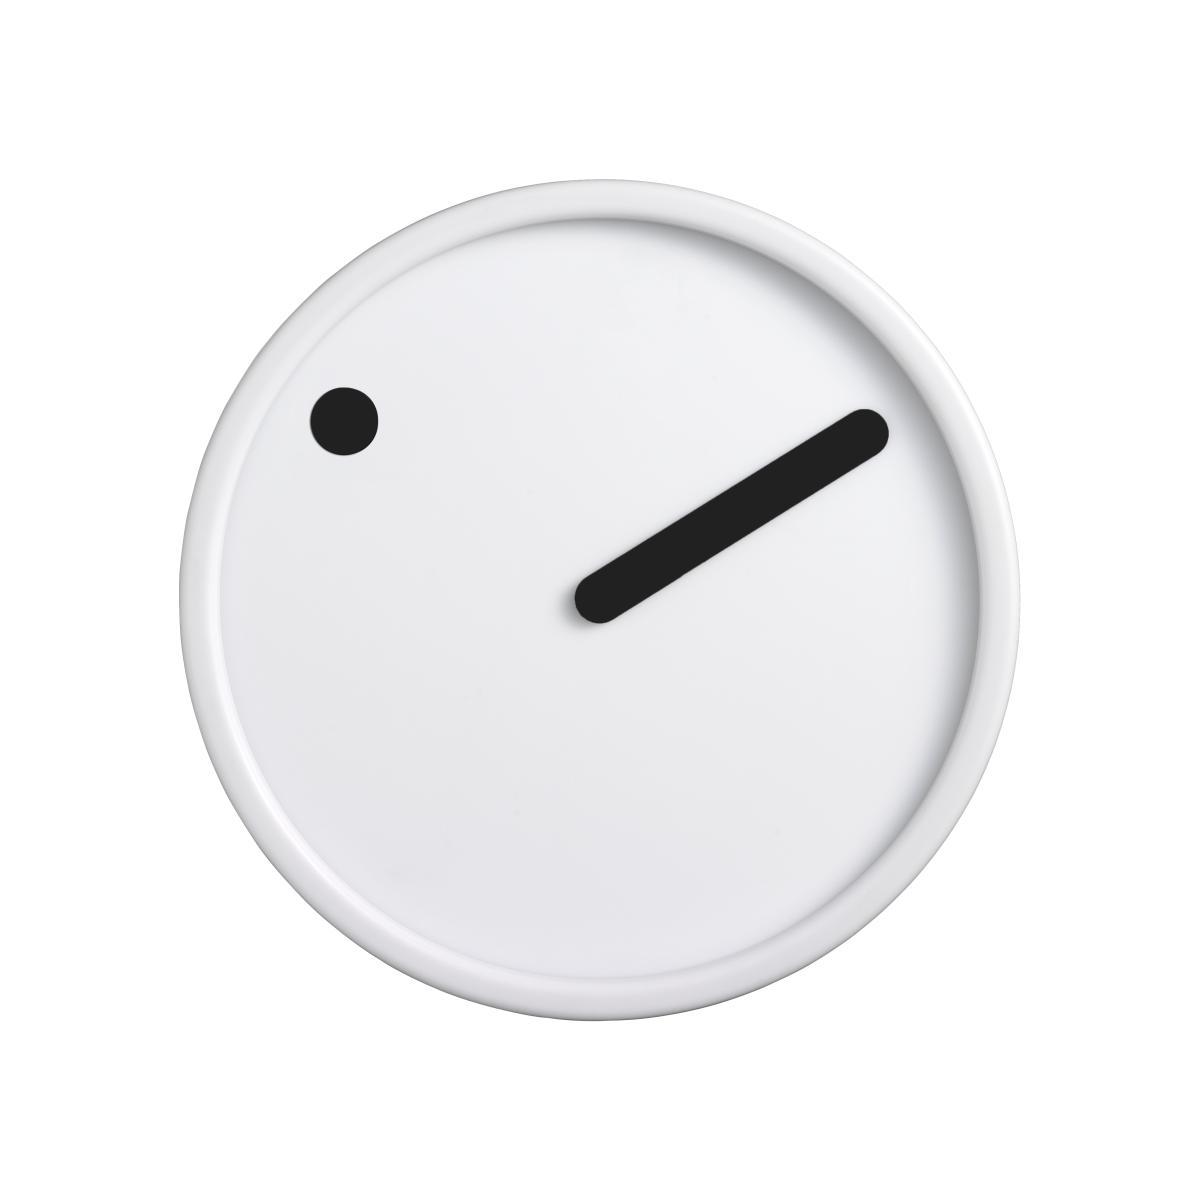 PICTO Wanduhr 16 cm weiß mit schwarzen Zeigern